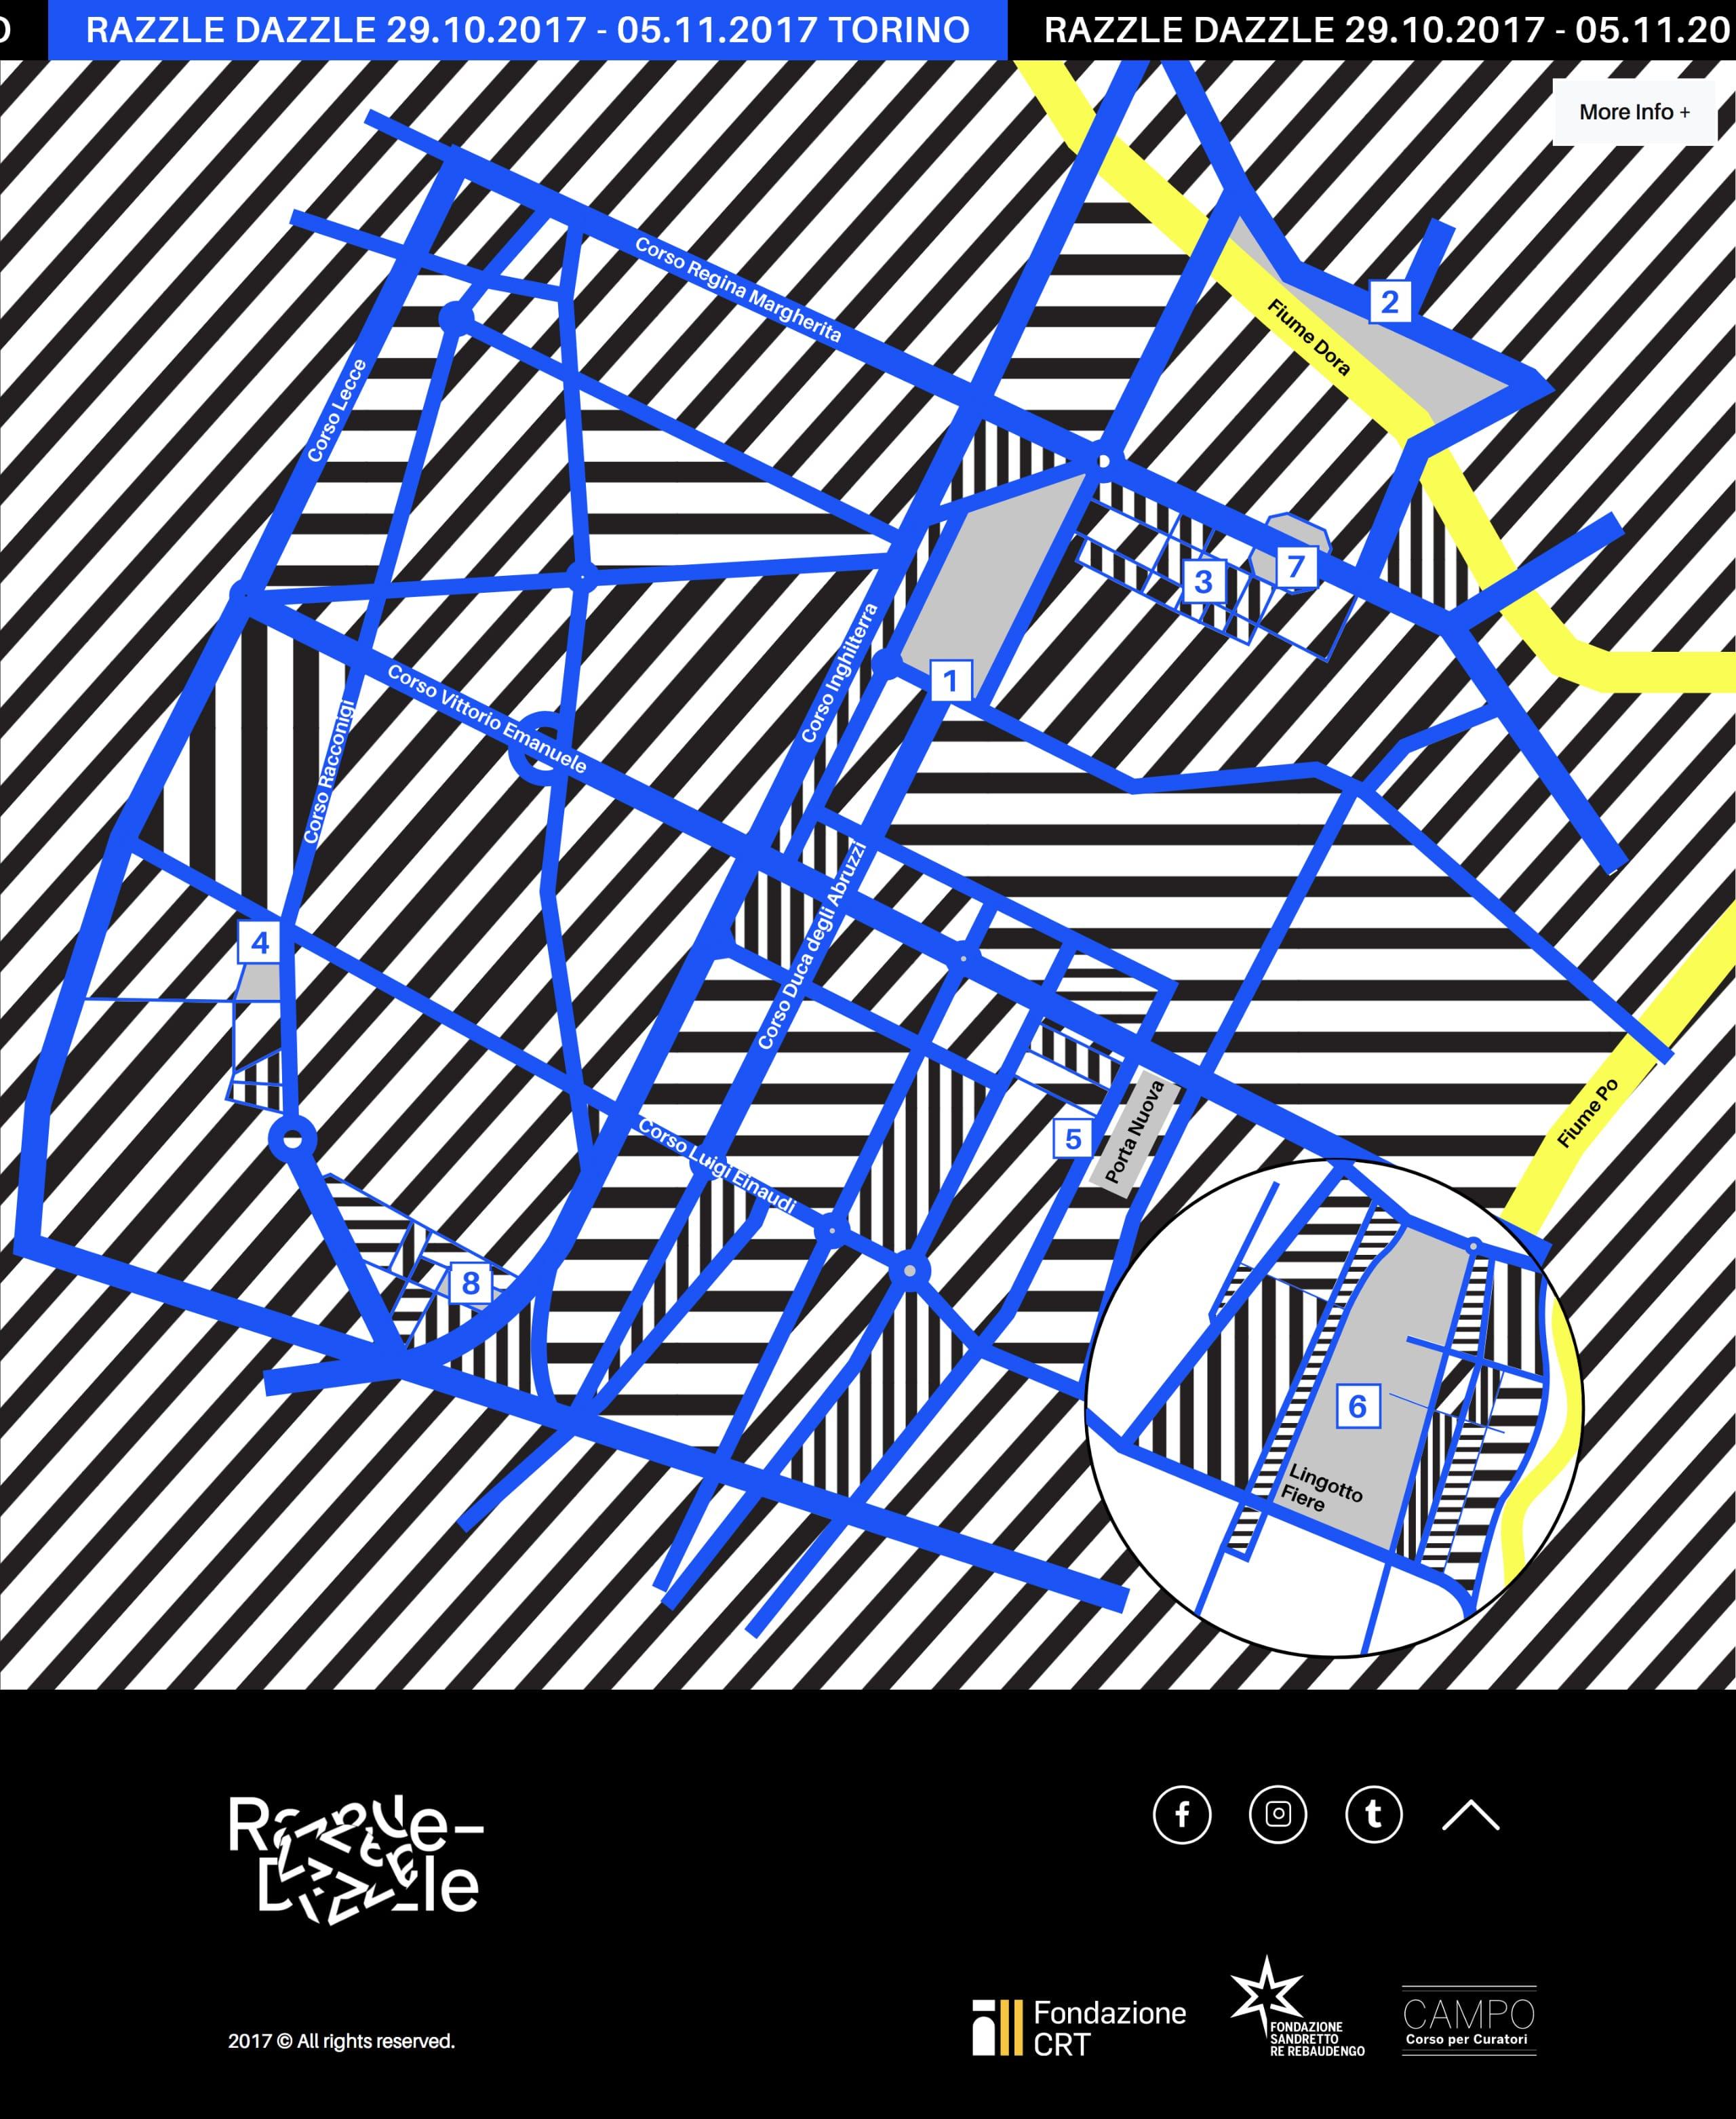 Razzle Dazzle Website Screenshot